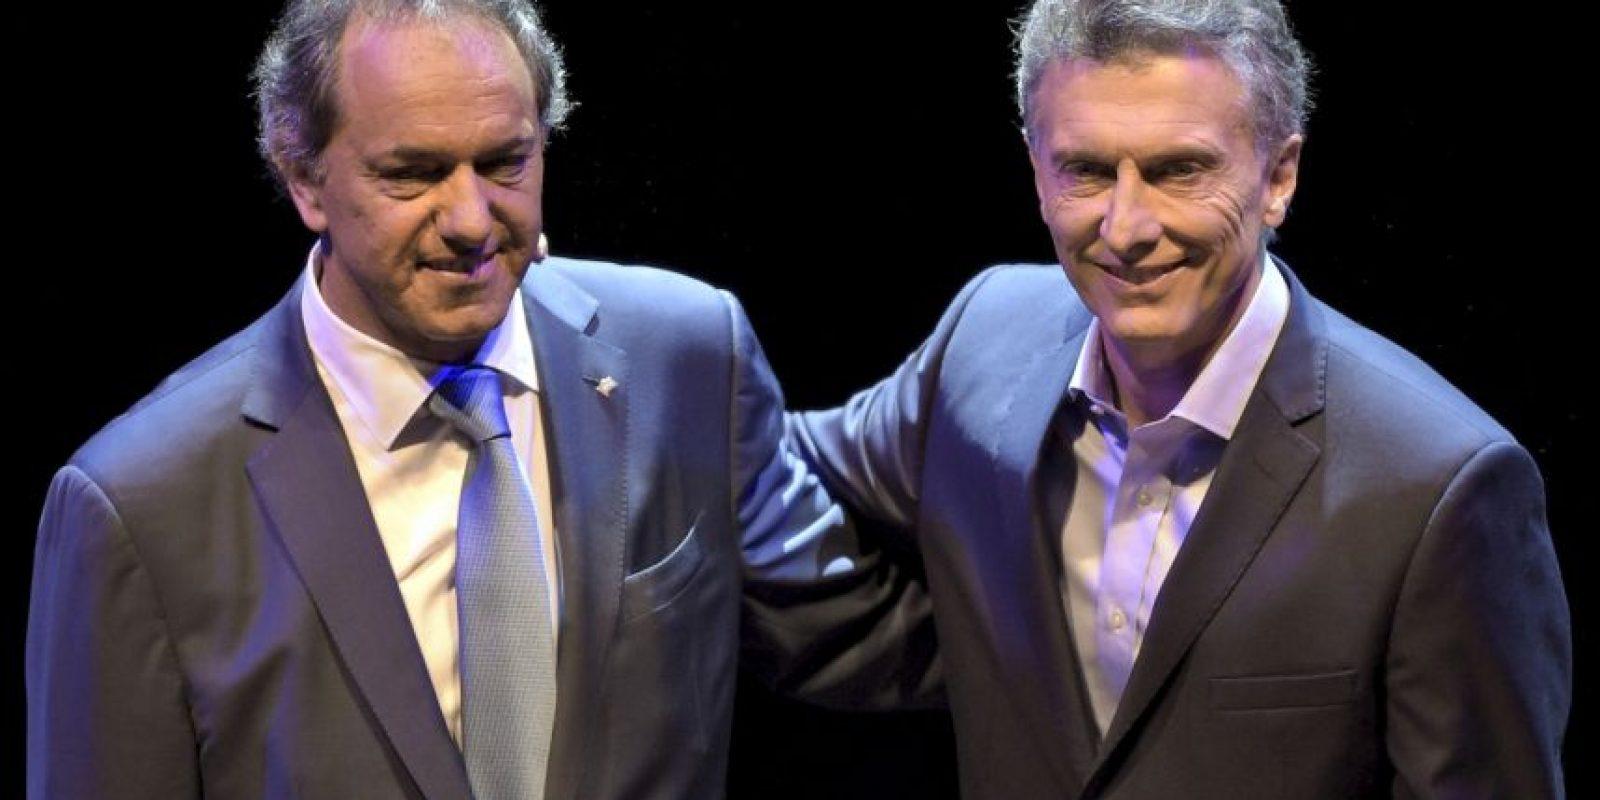 El pasado fin de semana ambos candidatos sostuvieron un histórico debate presidencial Foto:AFP